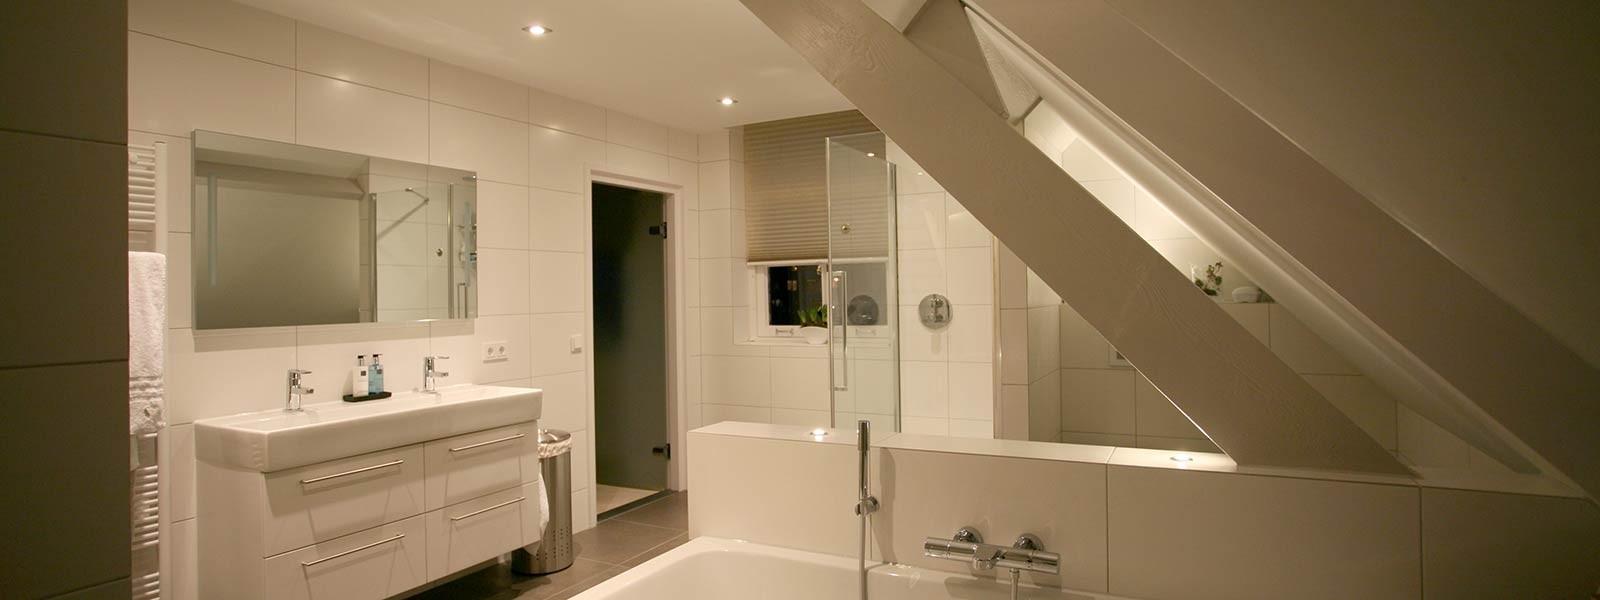 Wandmeubel Voor Badkamer.Lichtplan Maken Voor Een Badkamer Hulp Bij Verlichting